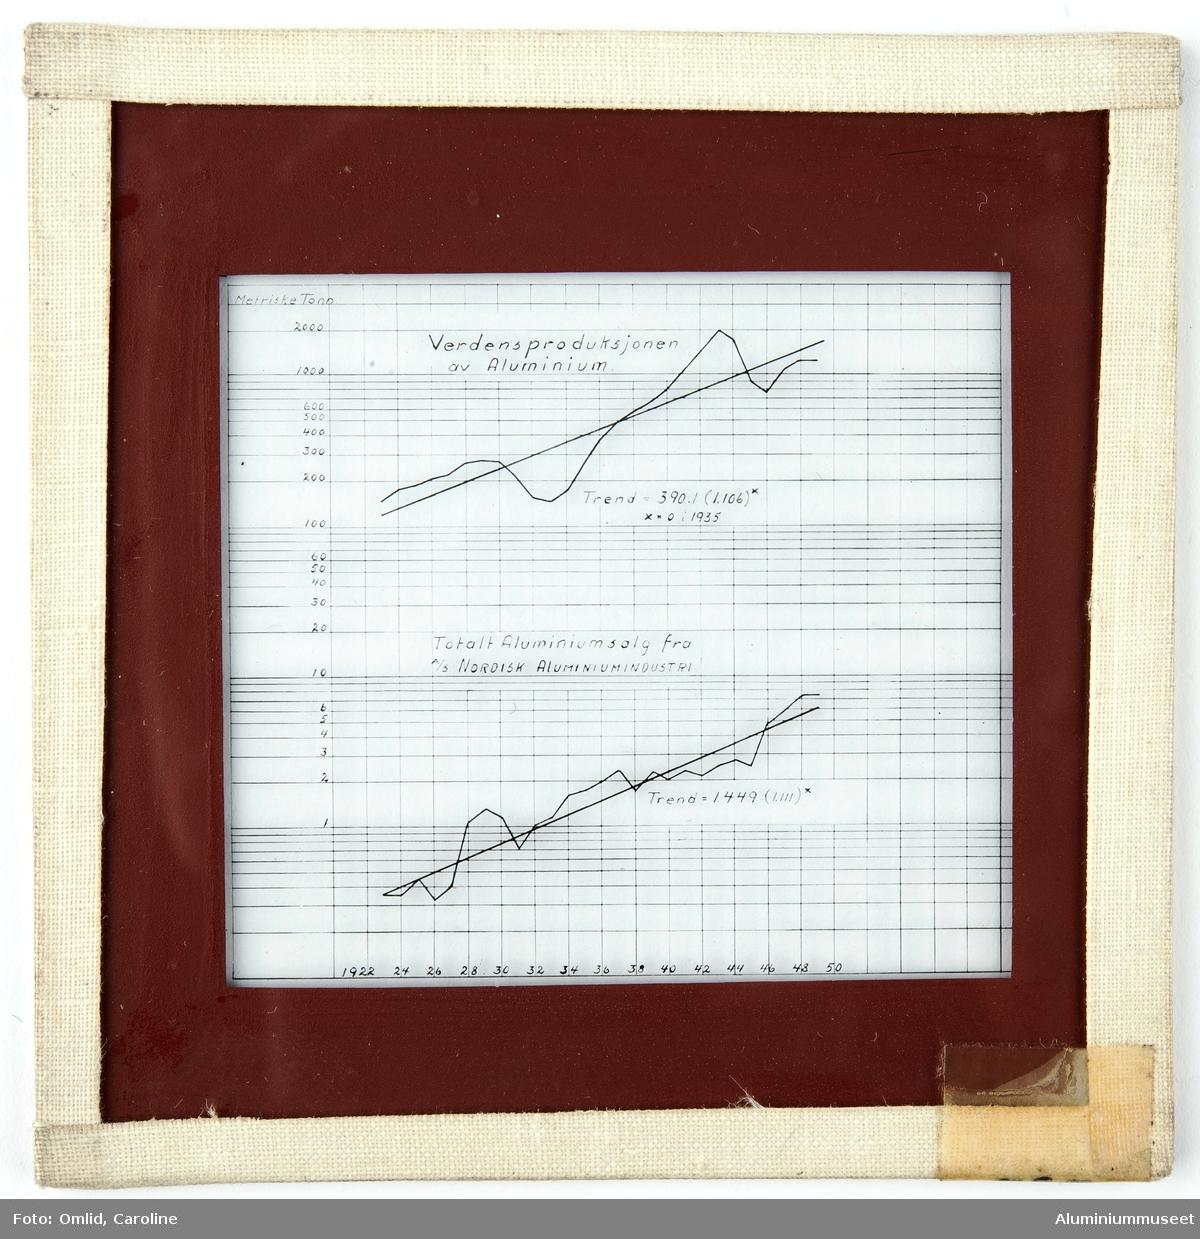 Diasserien inneholder grafer og plansjer fra aluminiuminduustriens produksjonsutvikling, til undervisningsformål